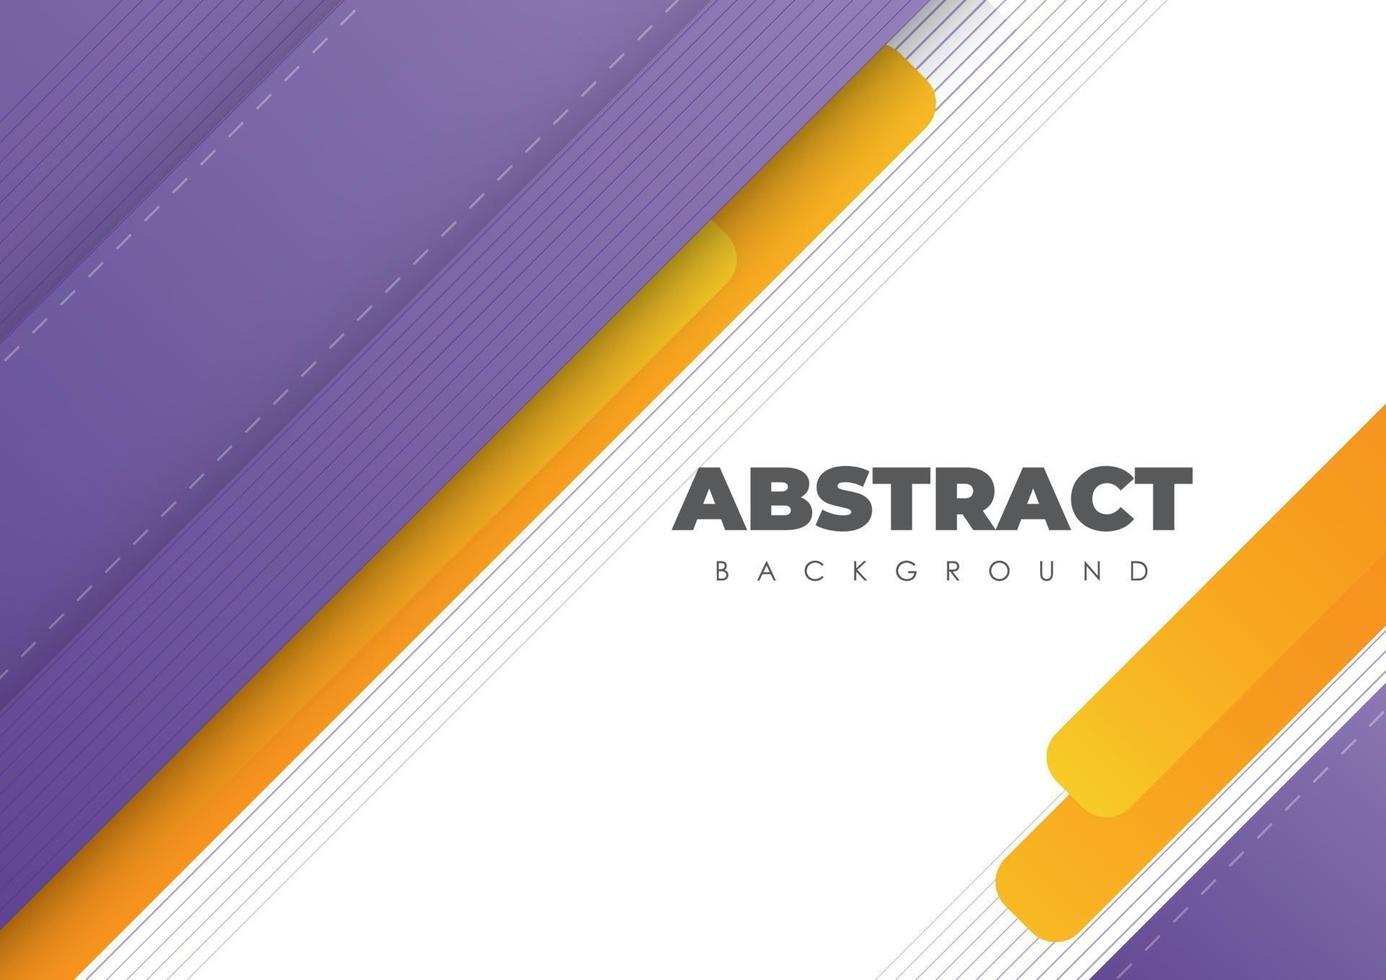 modernes Design des abstrakten Hintergrunds mit den diagonalen Linien lila und orange vektor